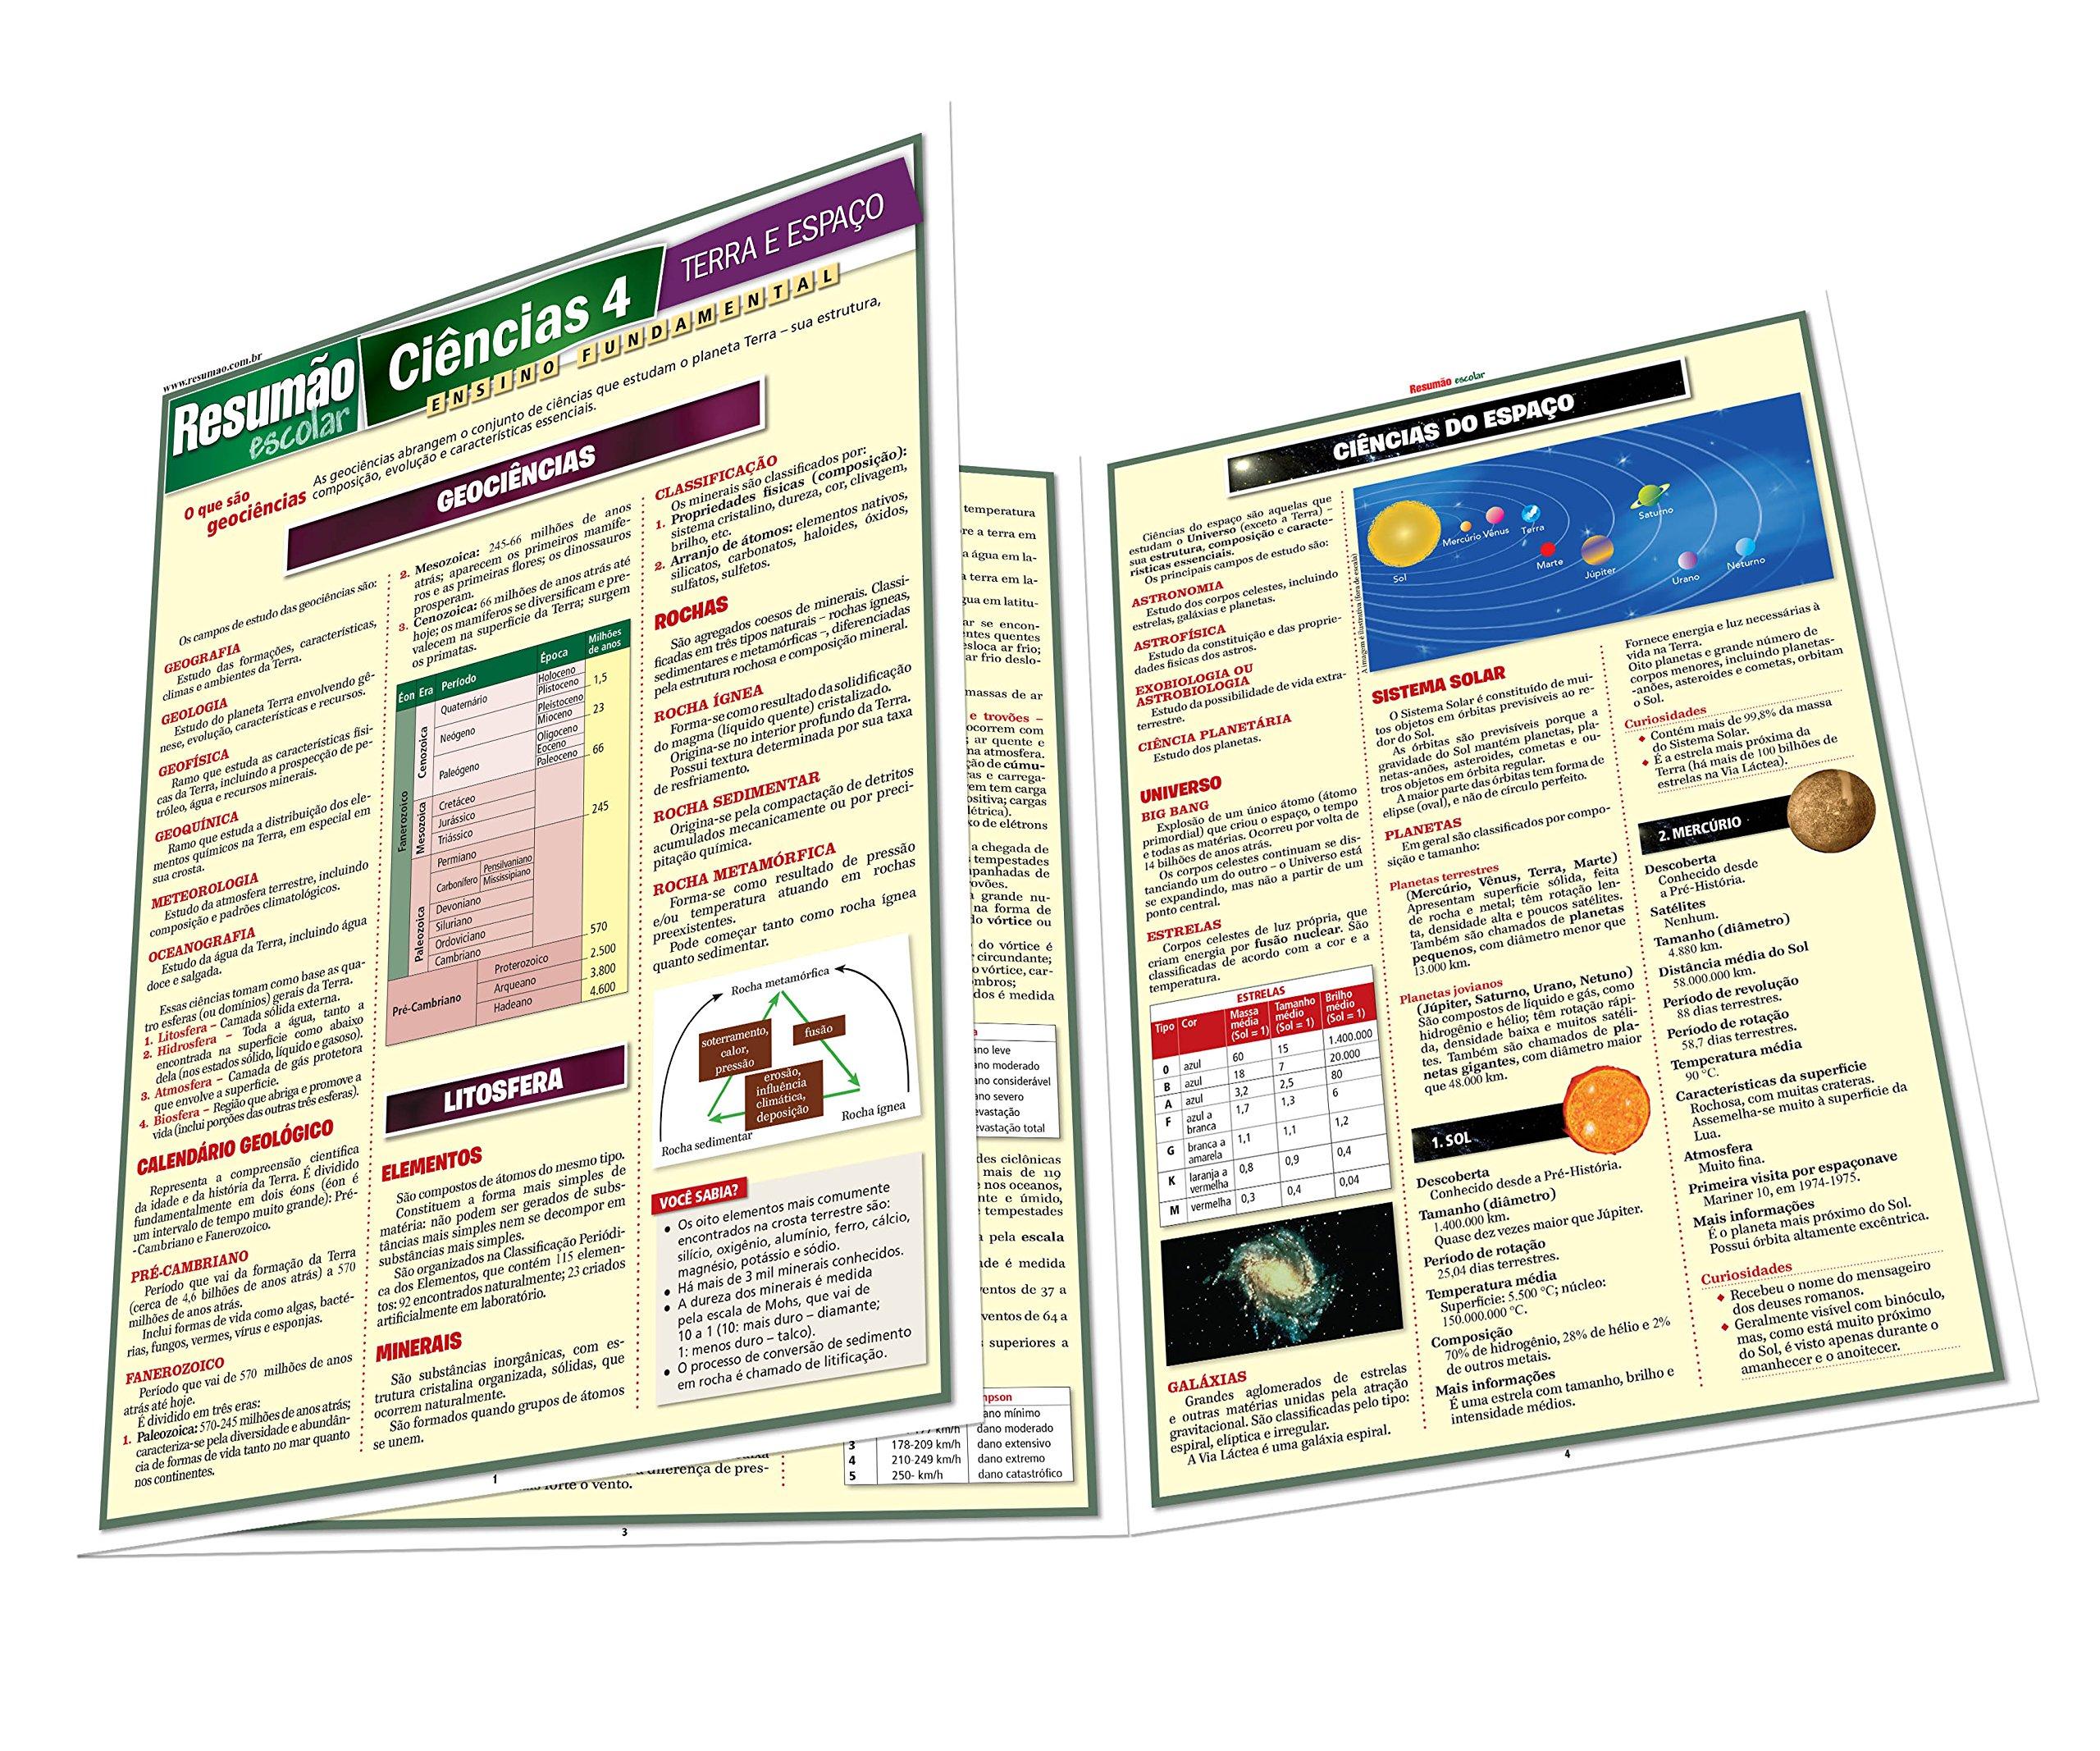 Ciências 4. Terra e Espaço: Vários Autores: 9788577111930: Amazon.com: Books